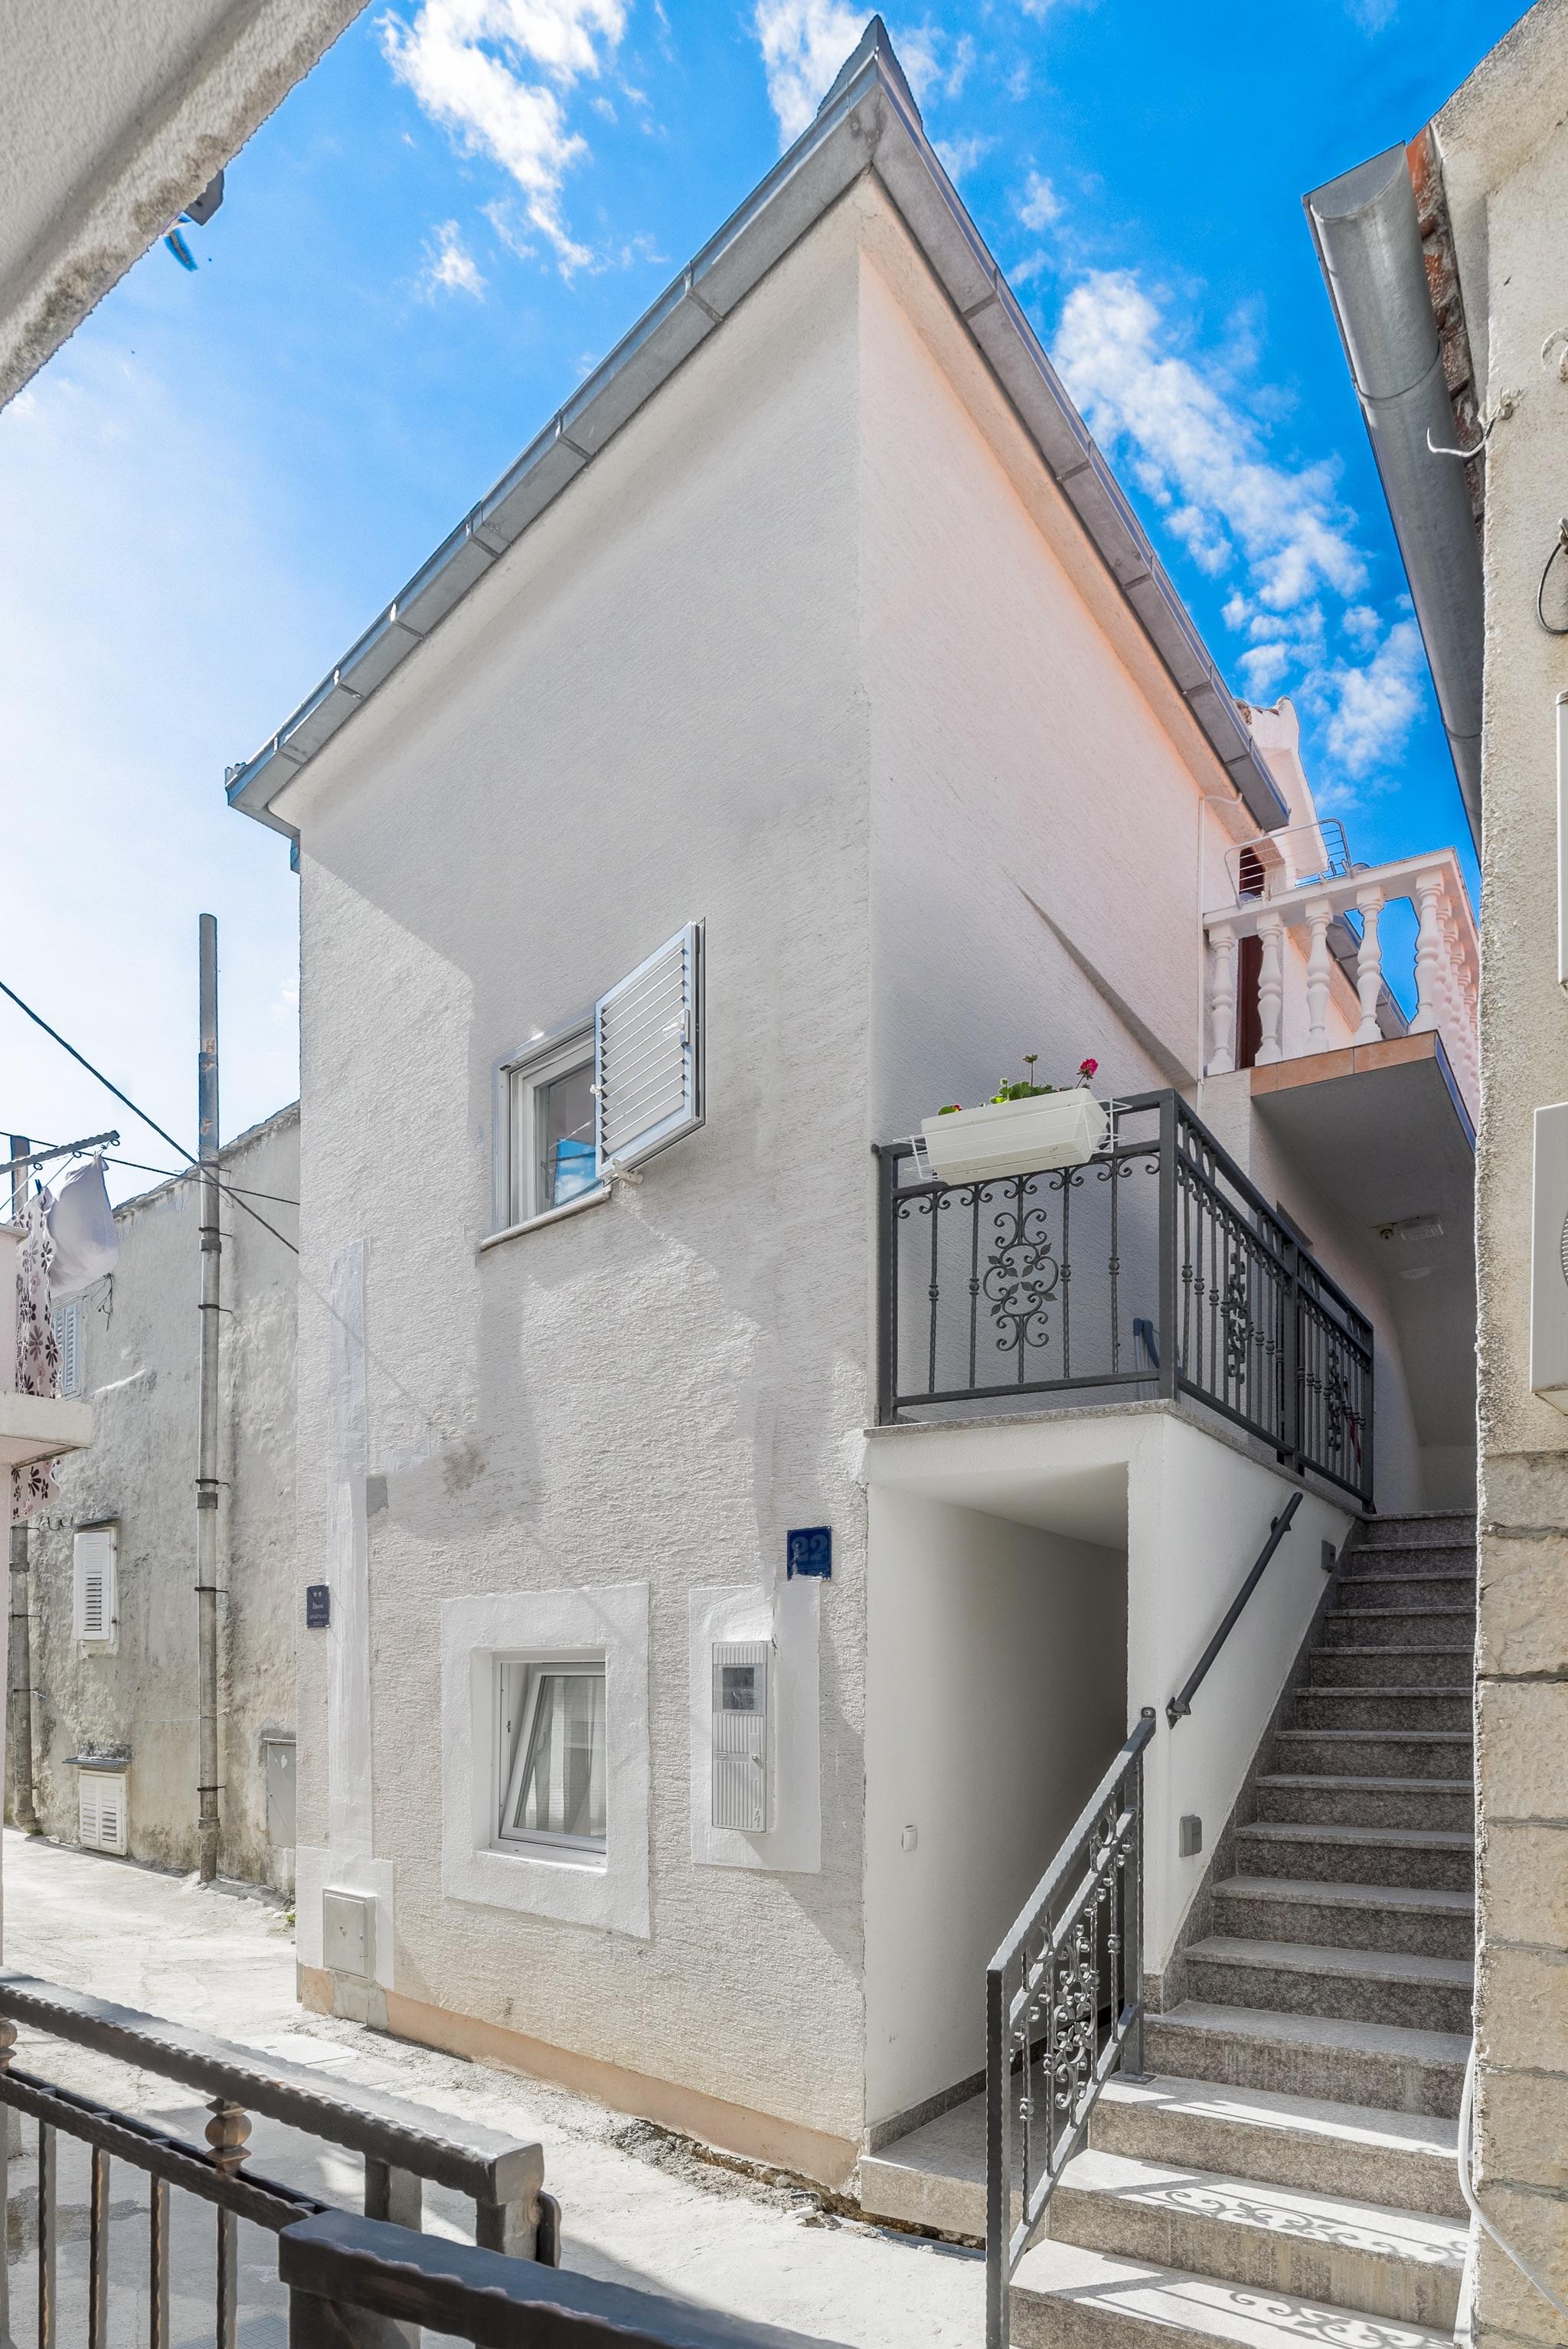 Ferienwohnung Wohnung mit 2 Zimmern in Baaka Voda mit herrlichem Meerblick, möblierter Terrasse und W-L (2201397), Baška Voda, , Dalmatien, Kroatien, Bild 12